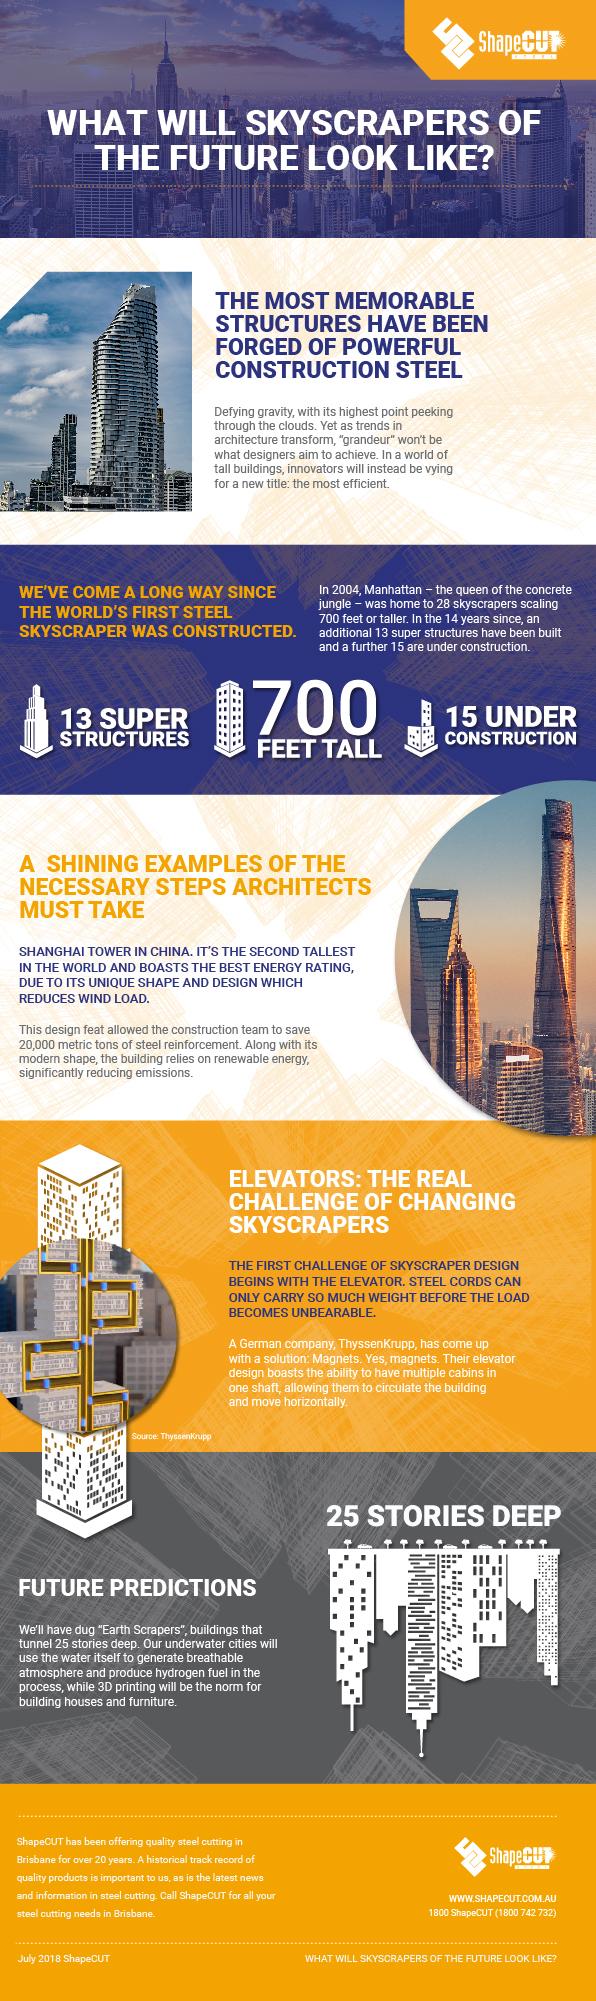 Skyscraper infographic